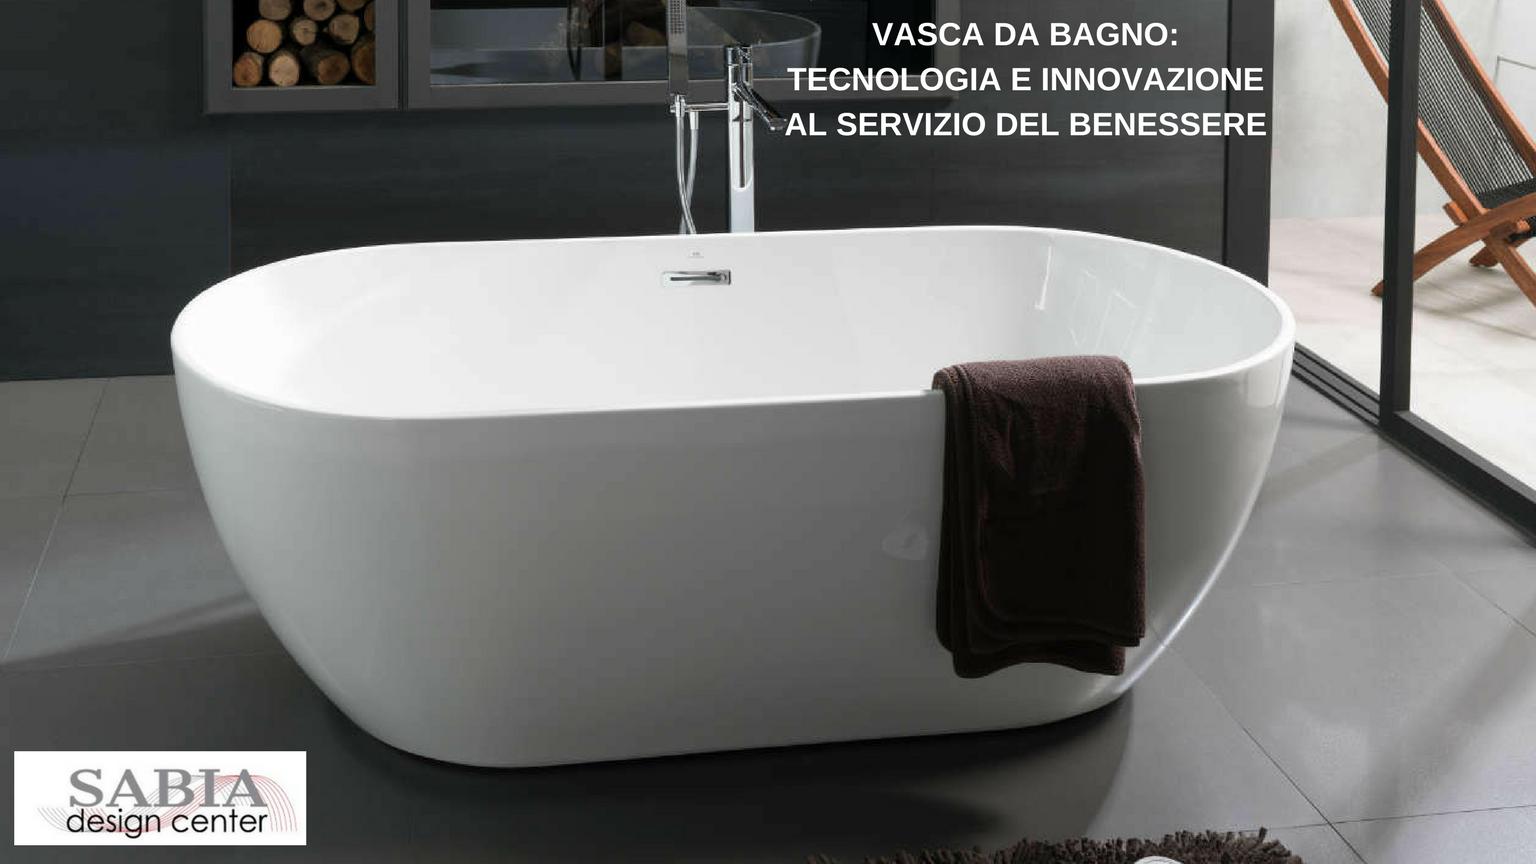 Bordo Vasca Da Spa : Vasca da bagno: tecnologia e innovazione al servizio del benessere